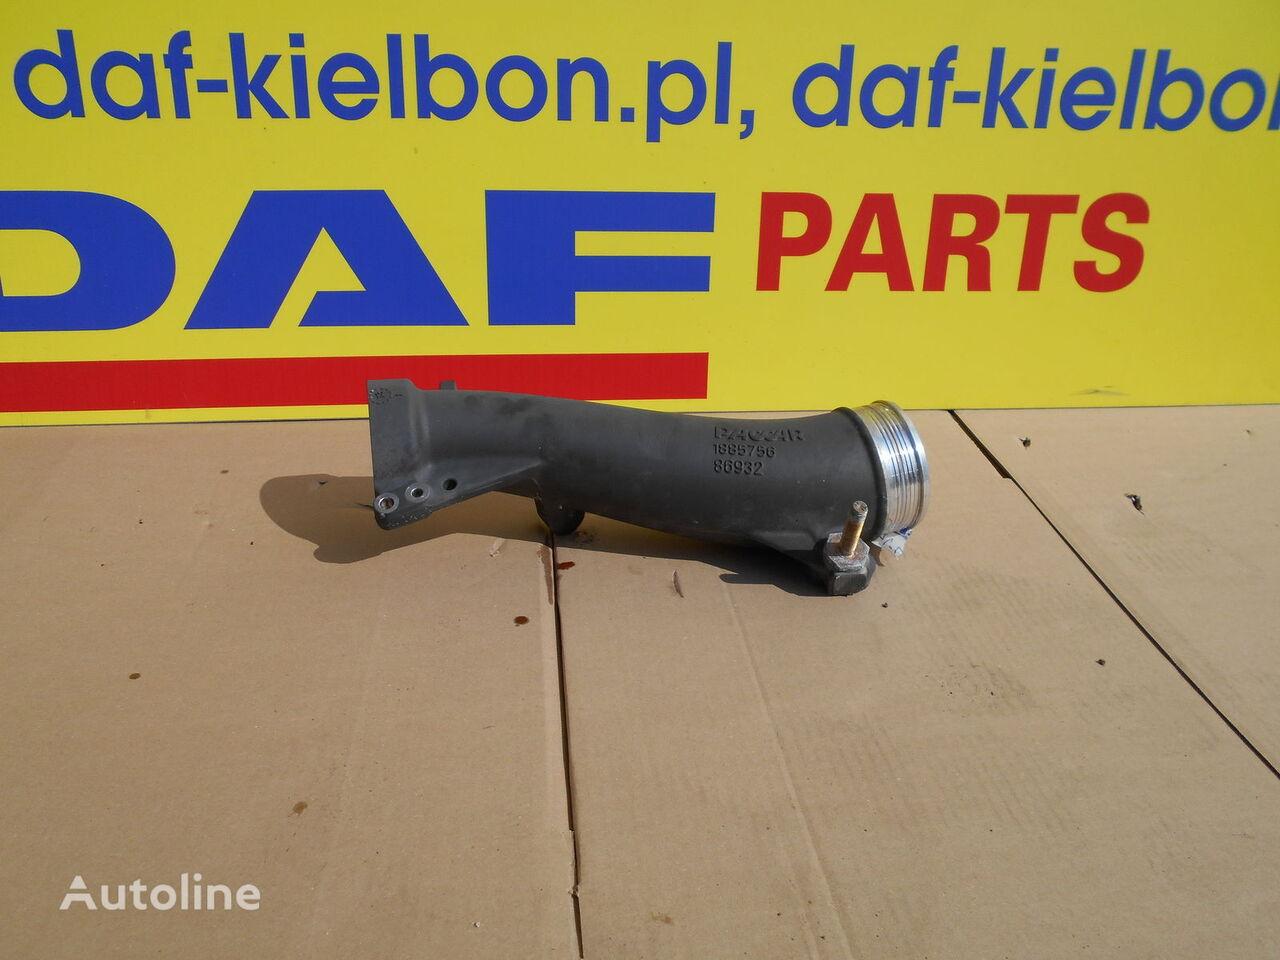 DAF kolektor za DAF XF 106 tegljača